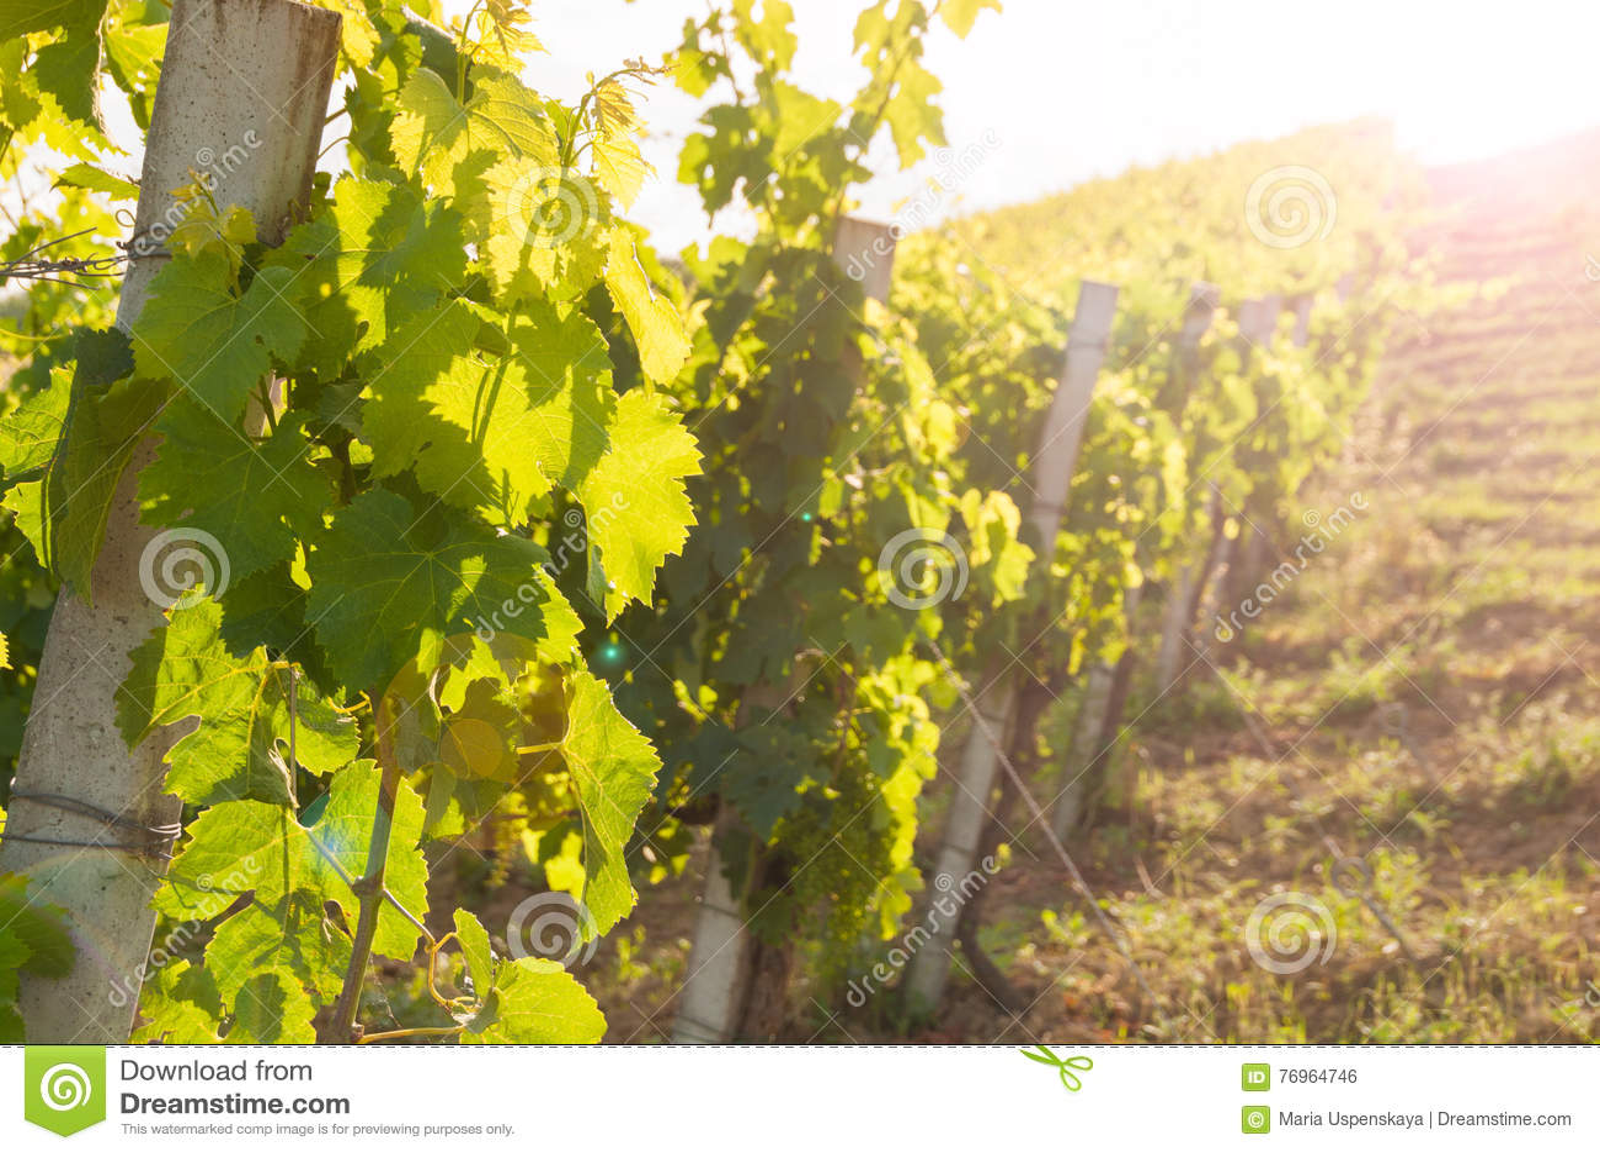 Landelijk landschap met een groene wijngaard onder heuvels